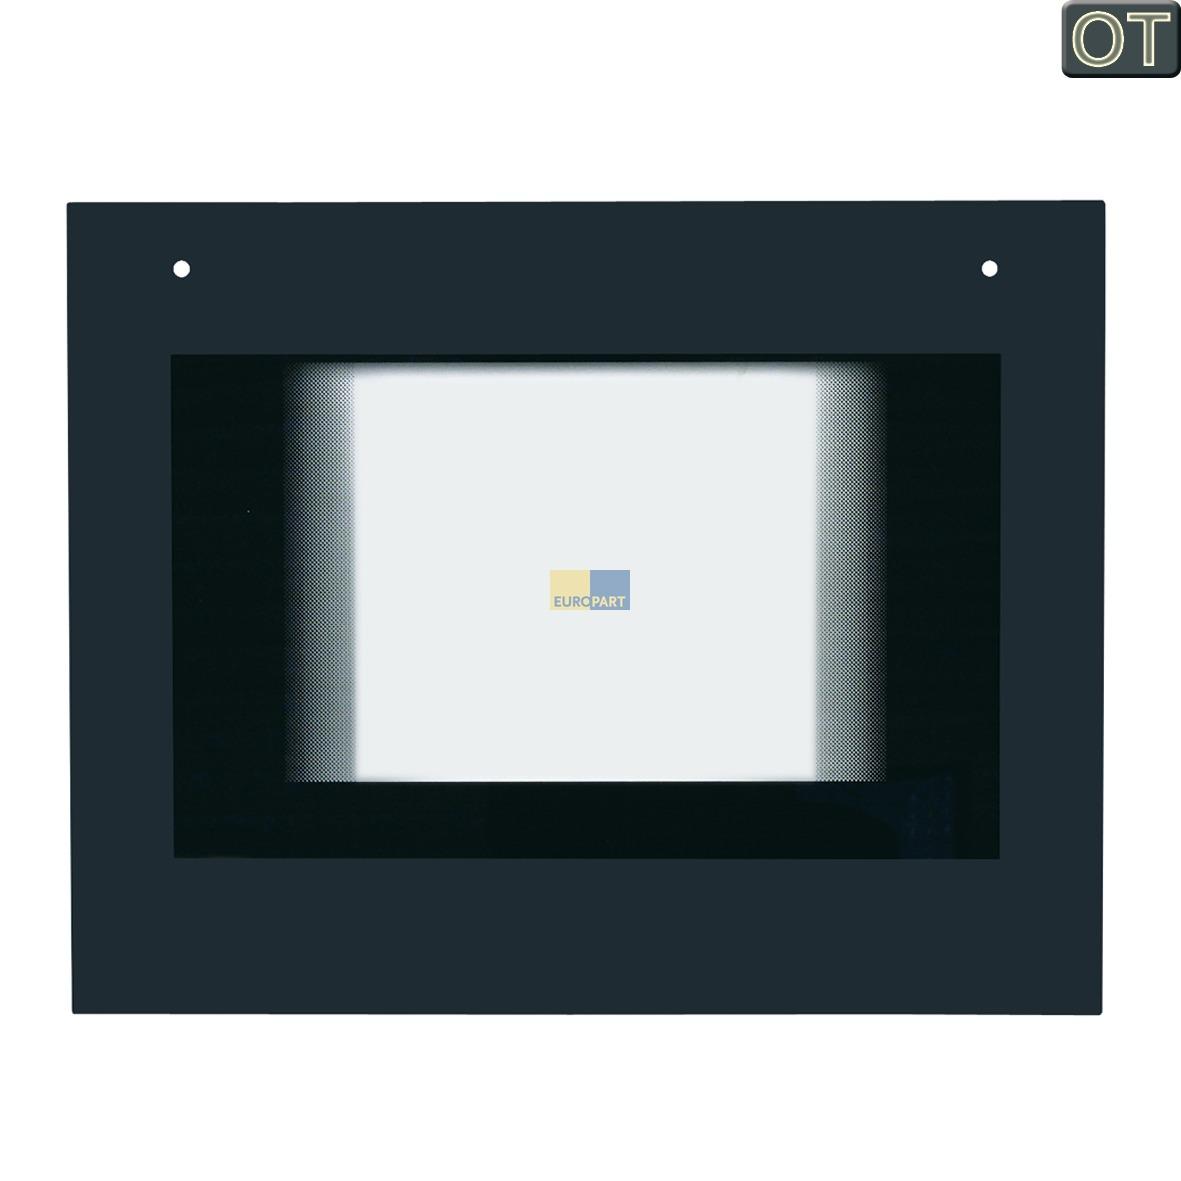 Vitre avant pour porte avec cadre noir 3578469268 for Peut utiliser four sans vitre interieure